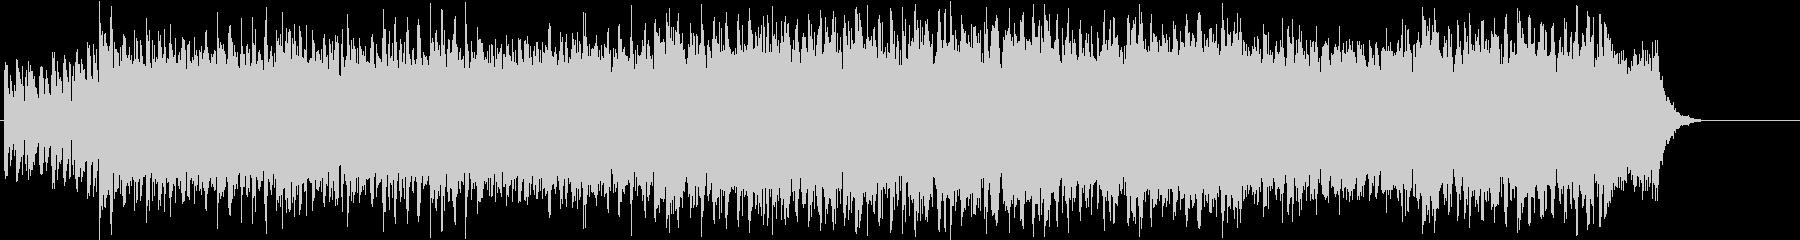 ディスコ 流行 スピード 追跡 報道の未再生の波形